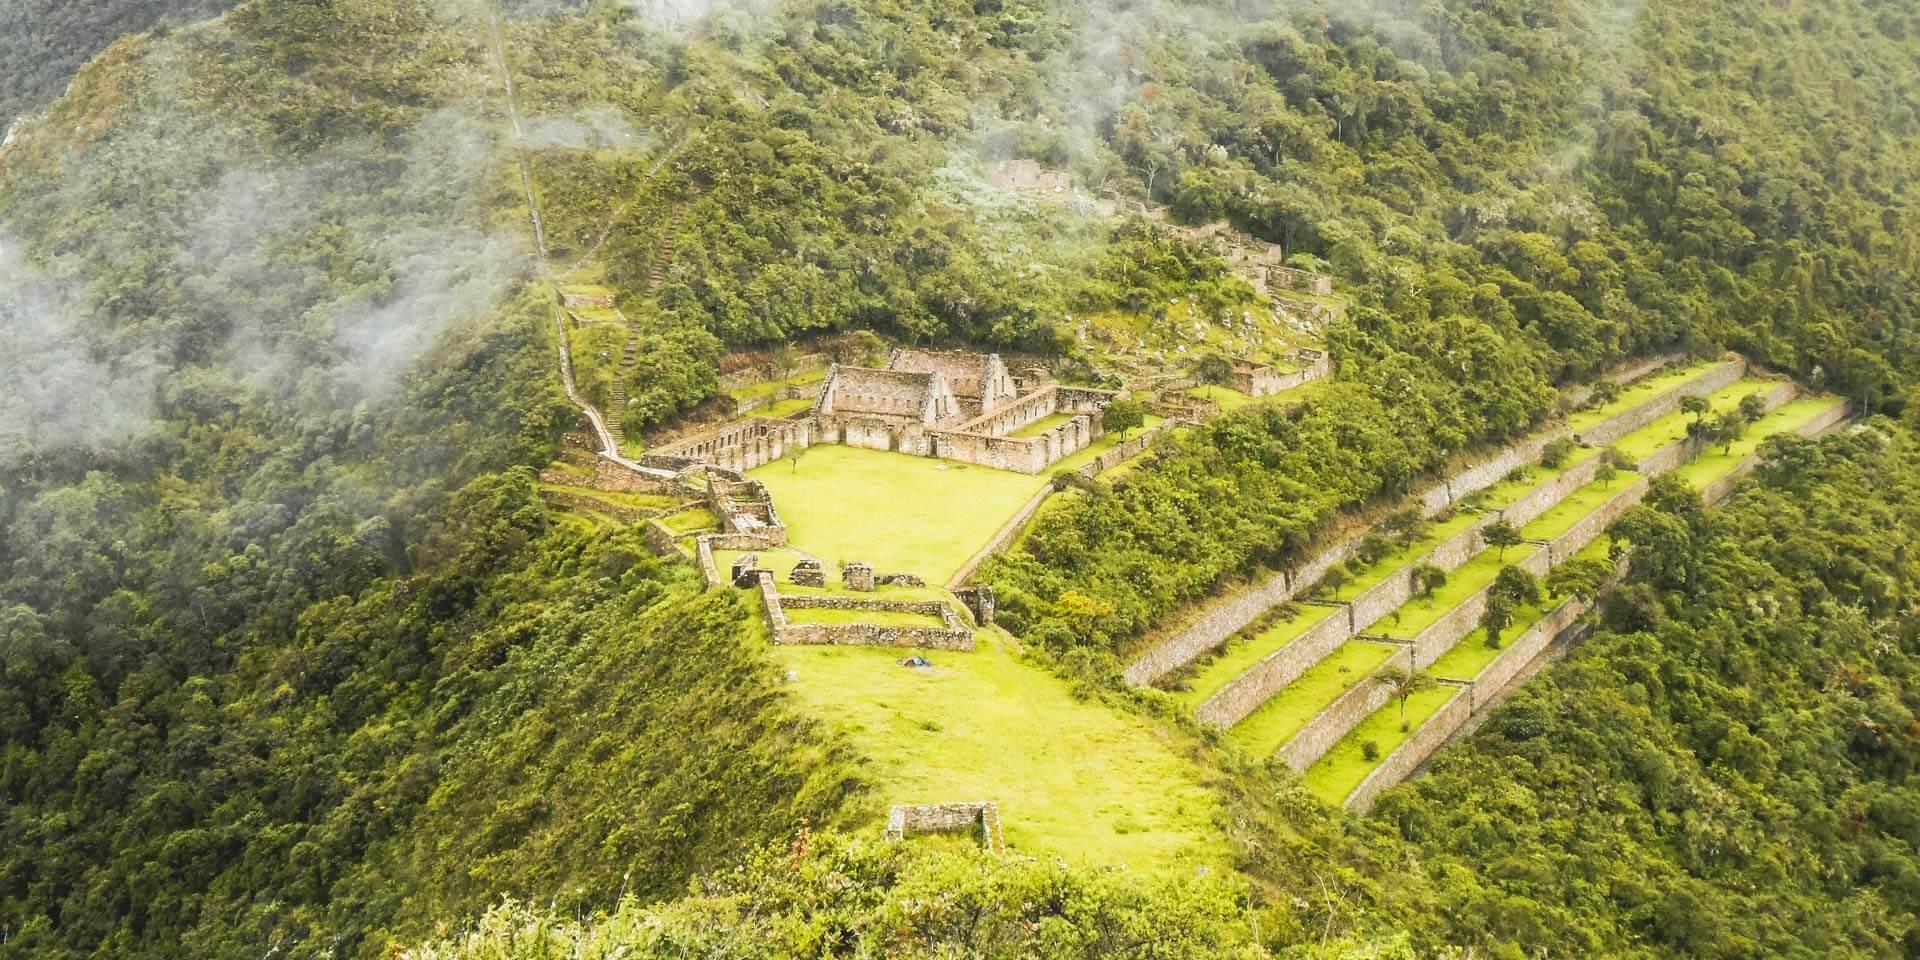 Sitio arqueologico de Choquequirao